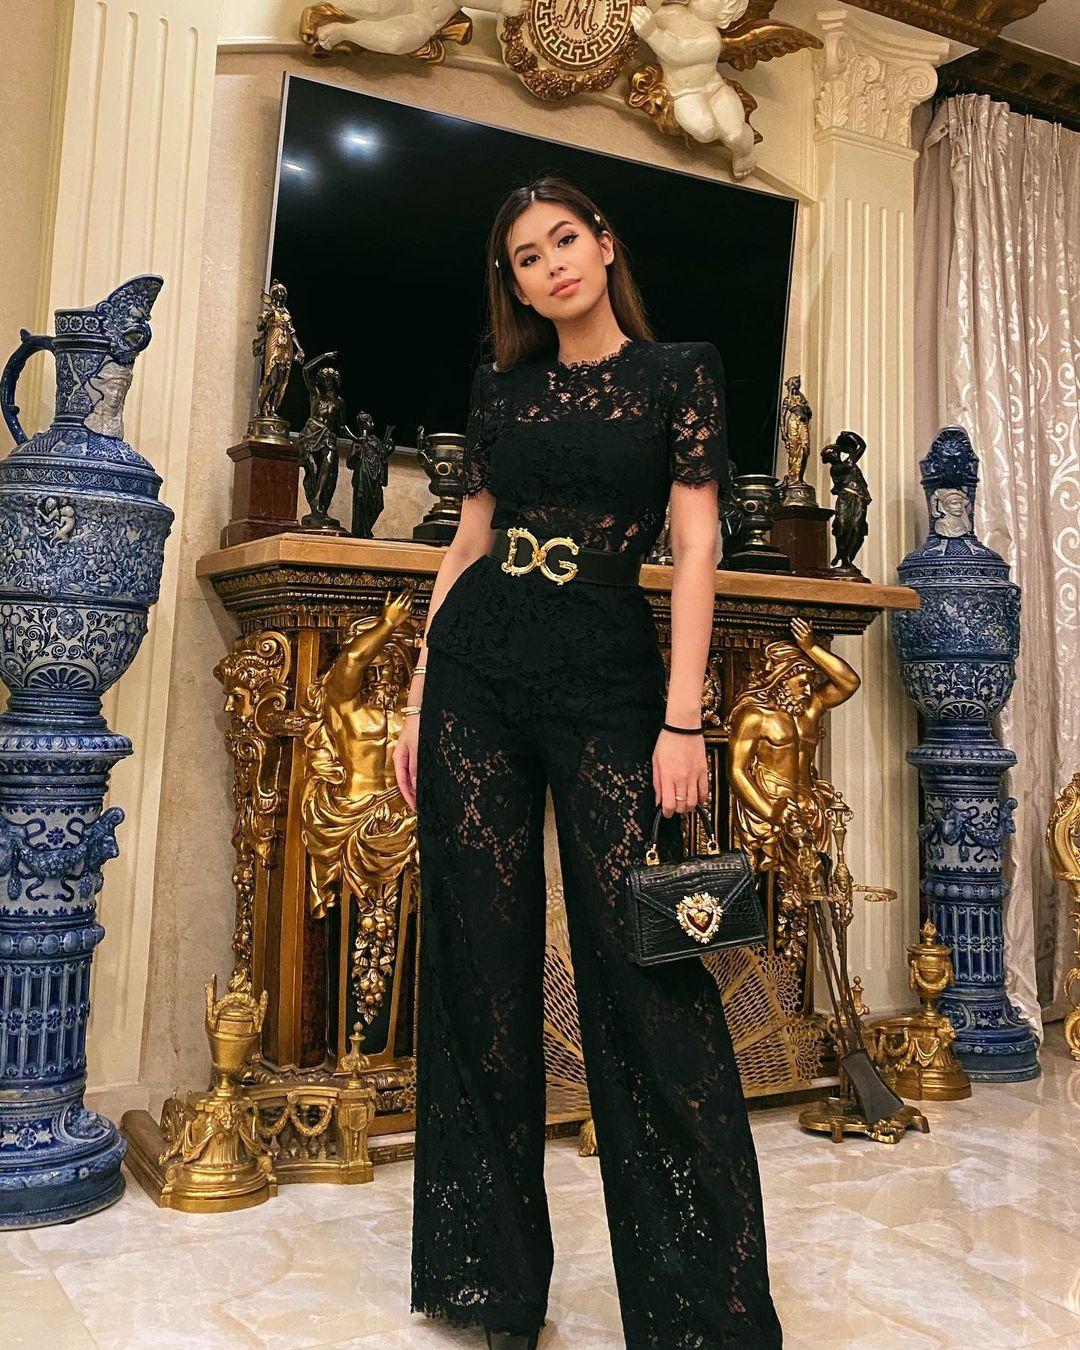 Em chồng Hà Tăng diện cả loạt váy áo ít người dám mặc, chứng minh thần thái đỉnh cao hiếm ai bì kịp - Ảnh 9.